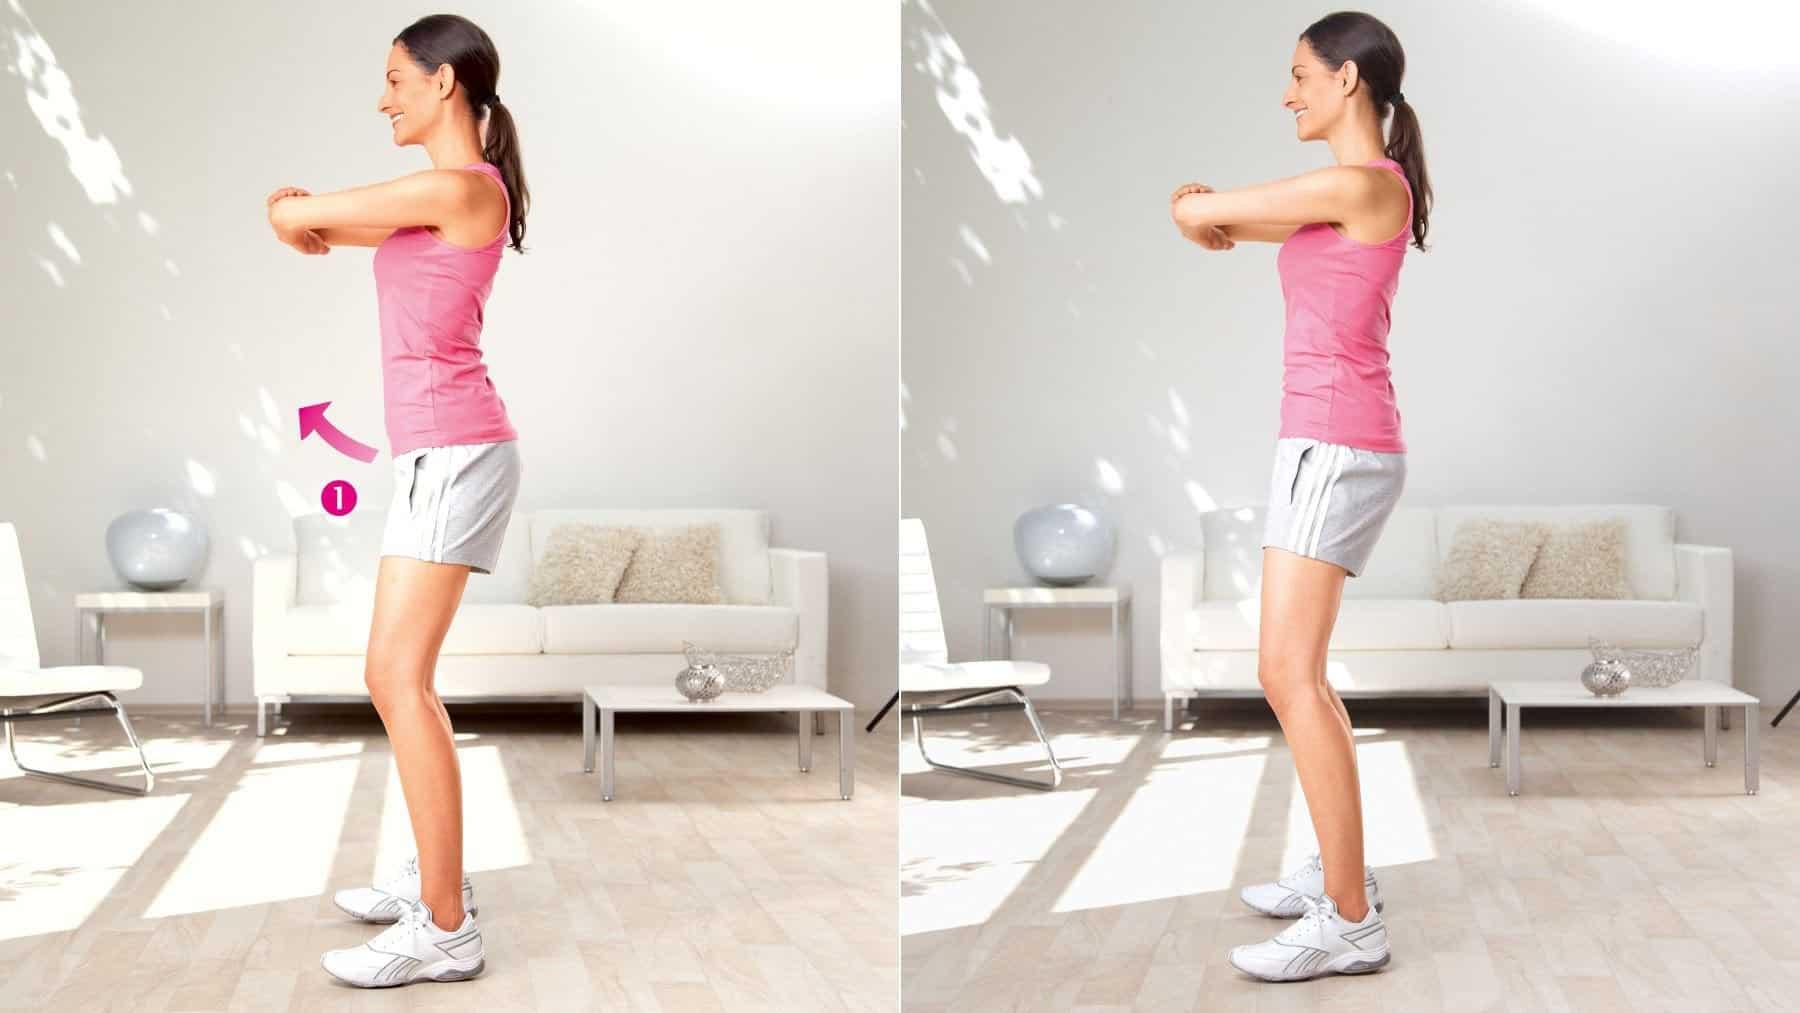 Étirement de l'aine et de la hanche